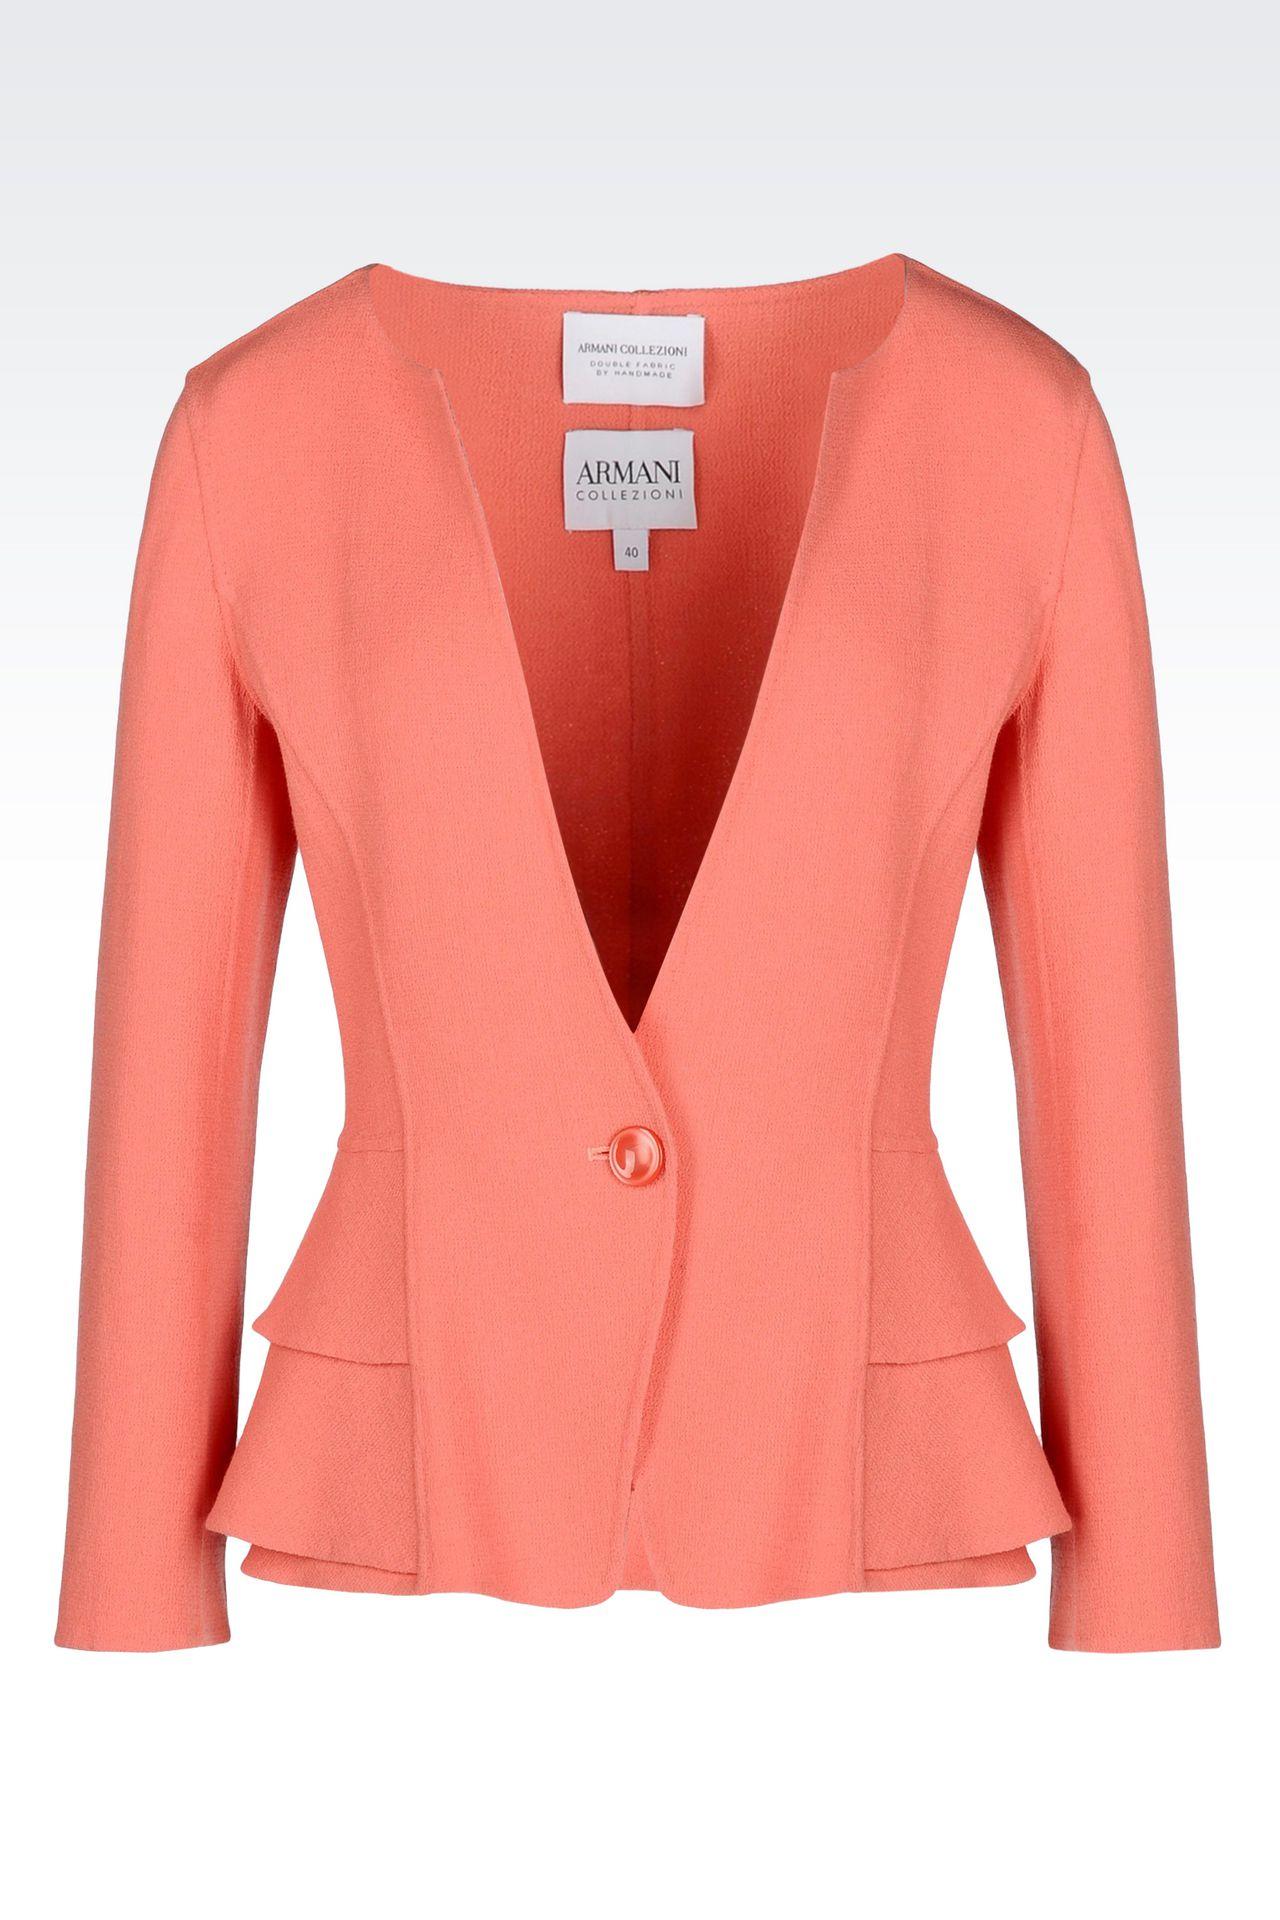 PEPLUM JACKET IN CRÊPE: One button jackets Women by Armani - 0